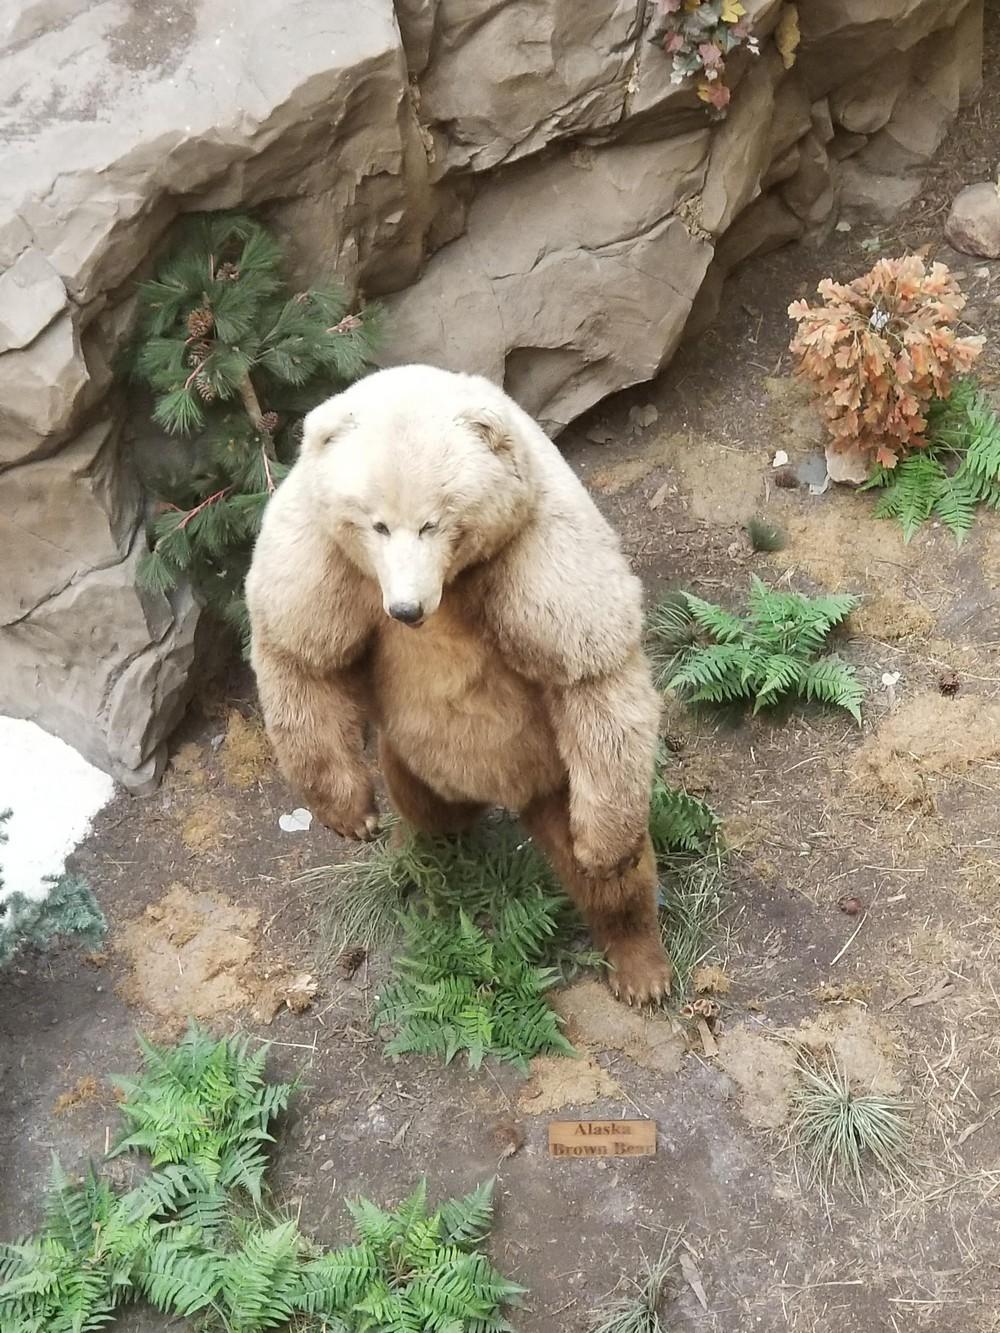 Подборка снимков с разными крупными животными и предметами